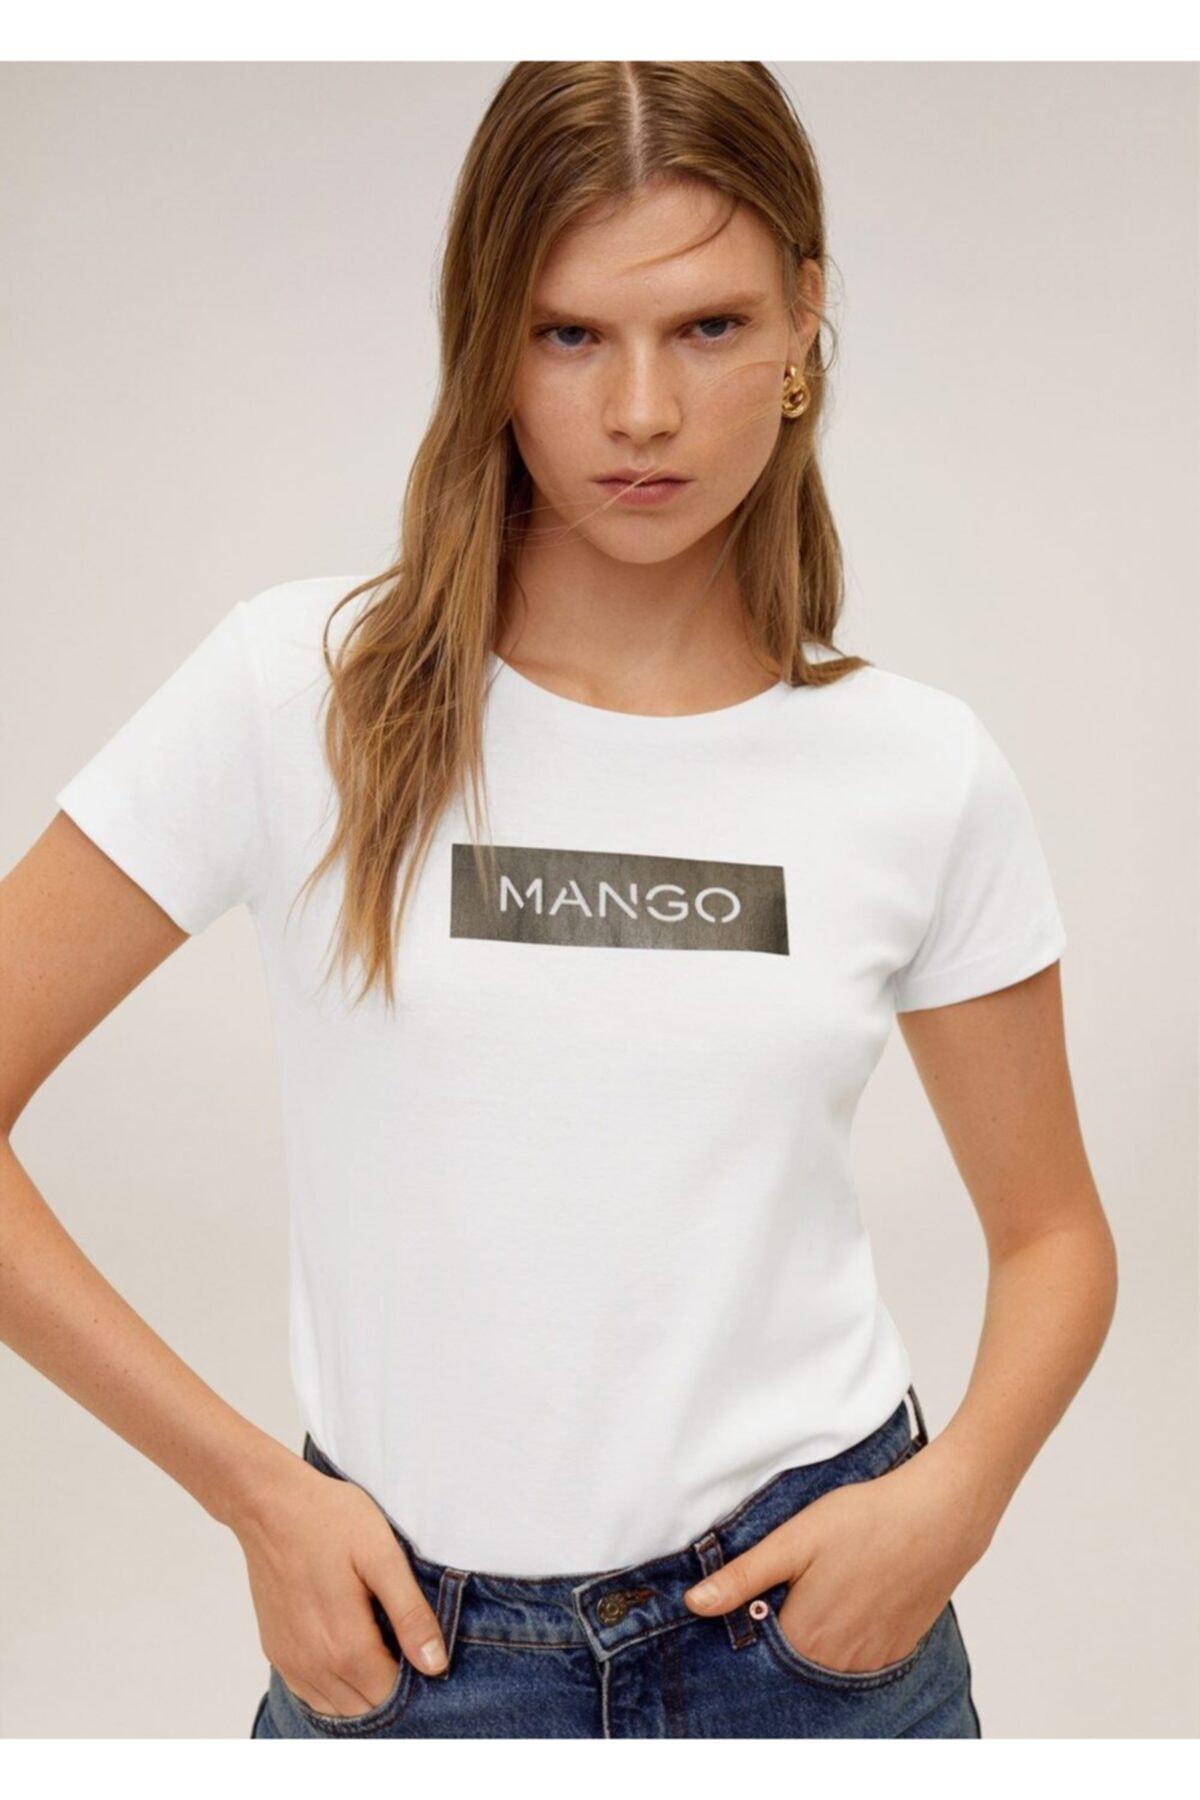 MANGO Woman Kadın Beyaz Pamuklu Logolu Tişört 67000604 2